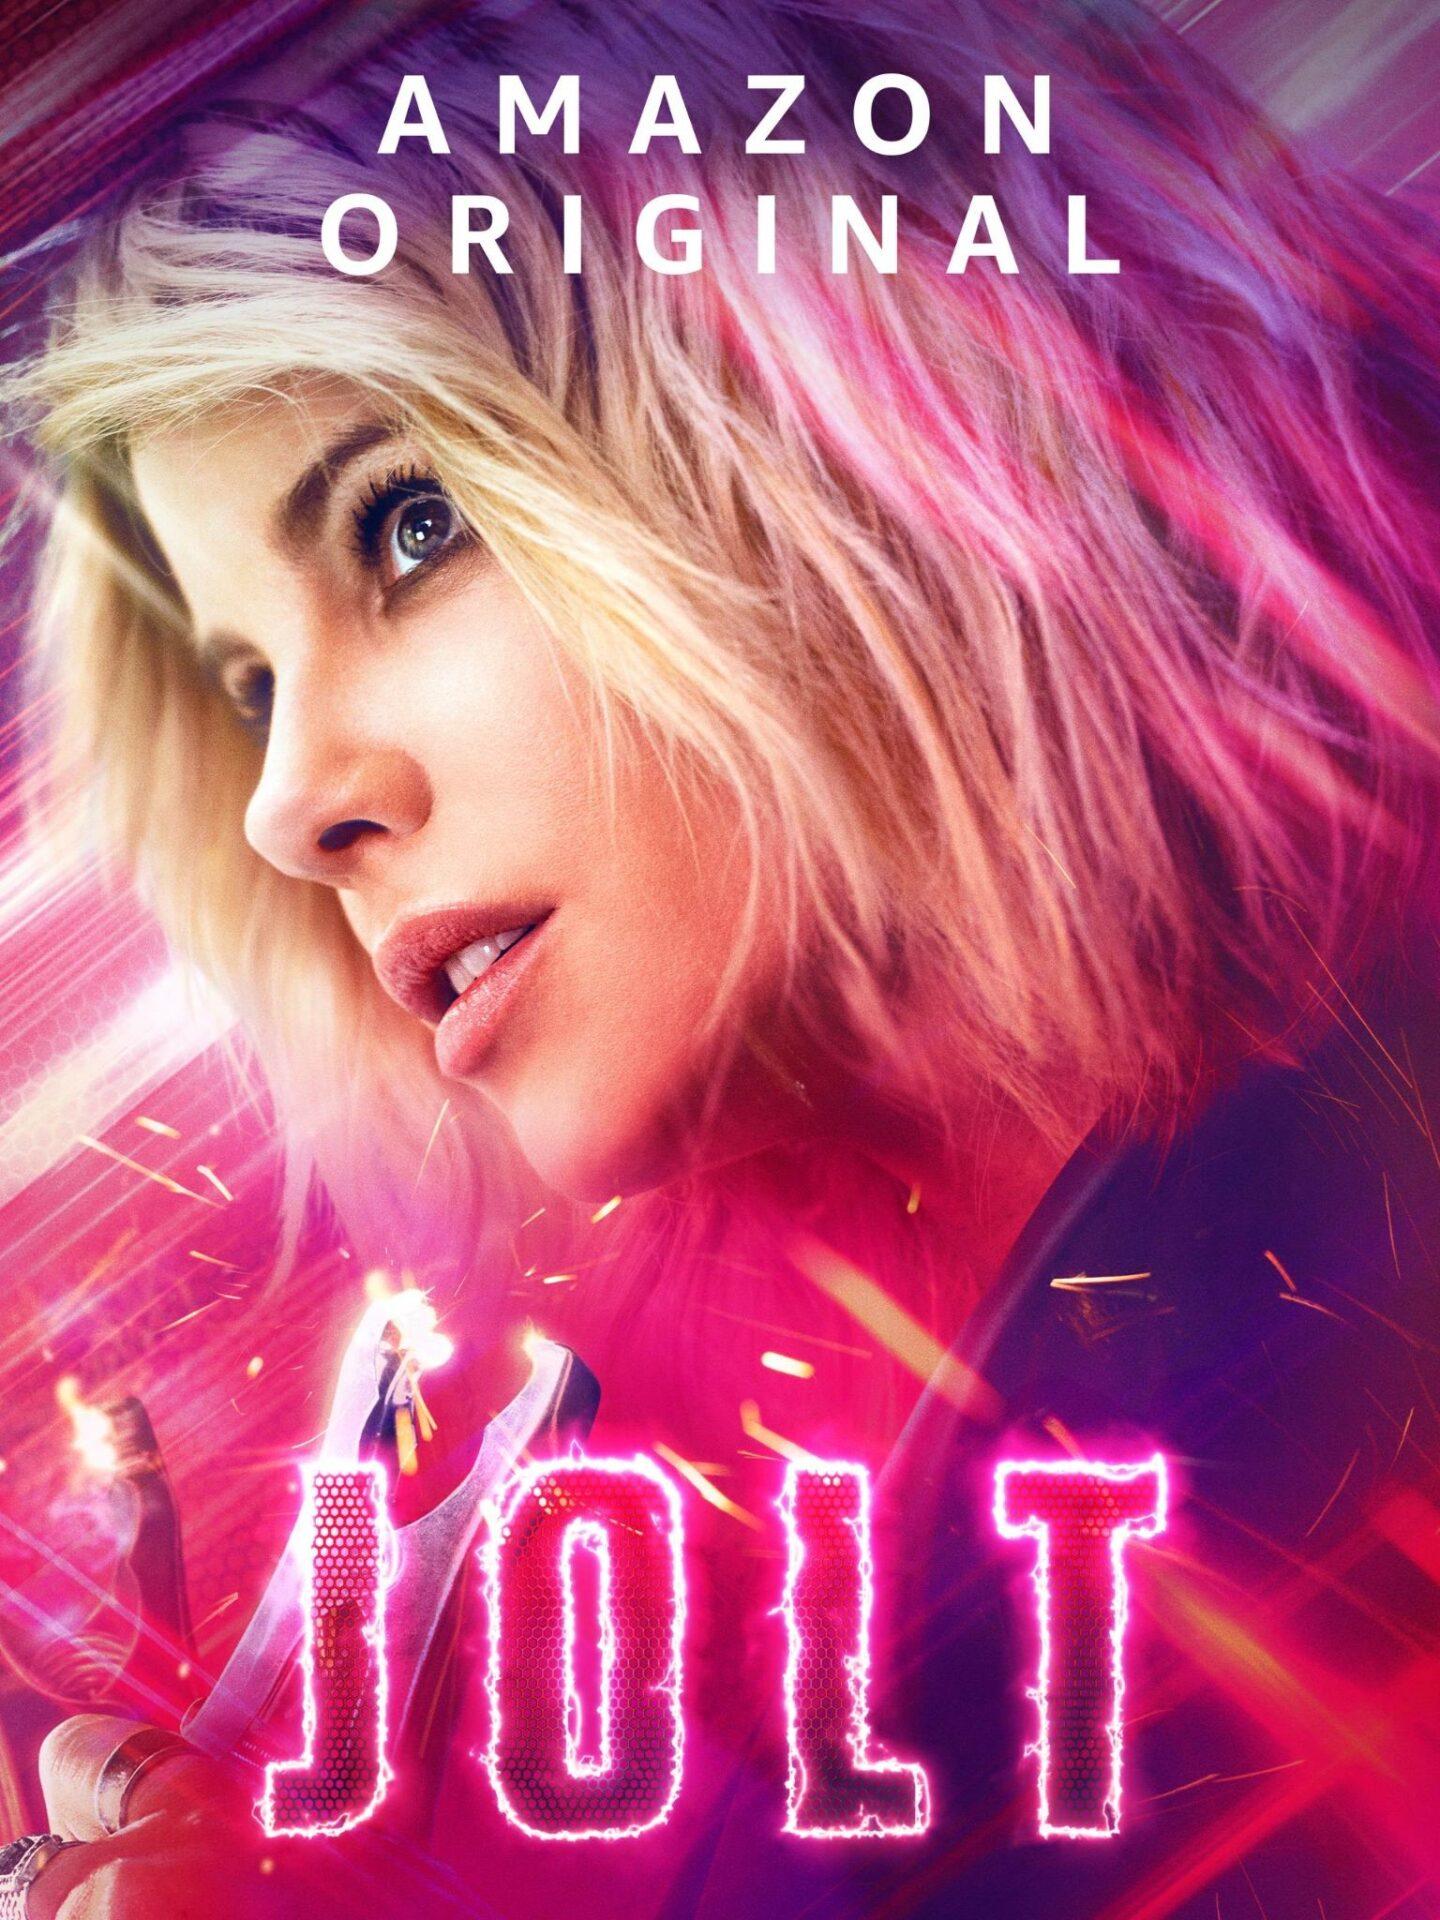 Jolt | Amazon Prime Video divulga trailer do filme de ação com Kate Beckinsale